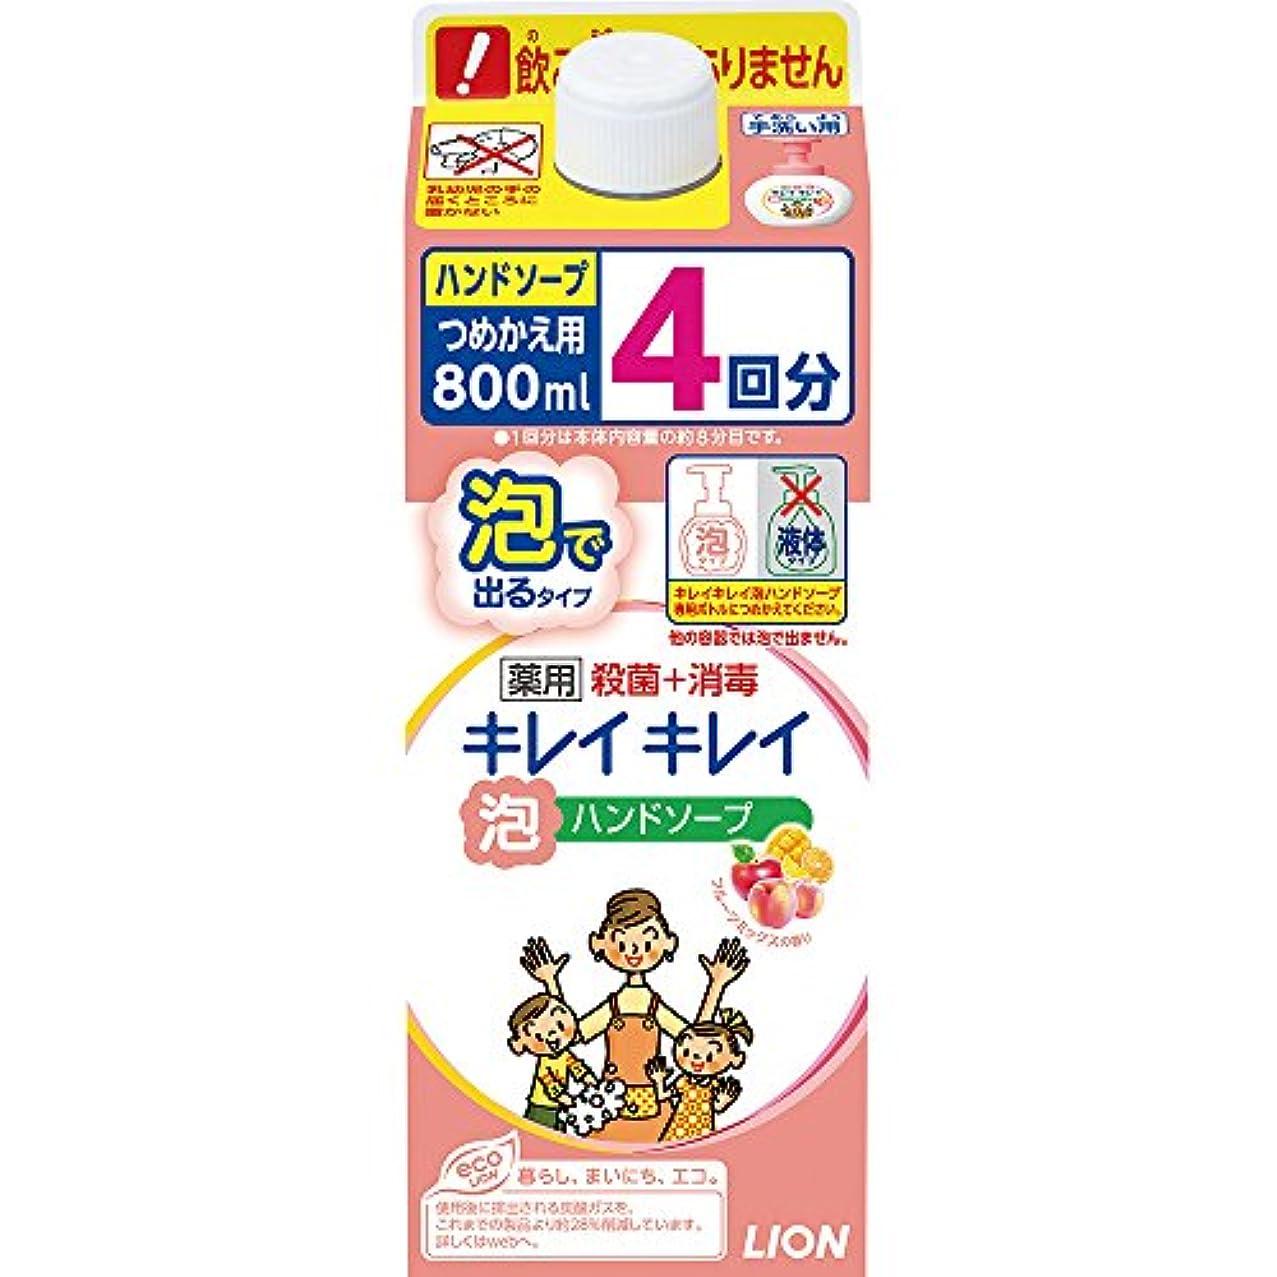 足枷祖母信頼できるキレイキレイ 薬用 泡ハンドソープ フルーツミックスの香り 詰め替え特大サイズ 800ml(医薬部外品)